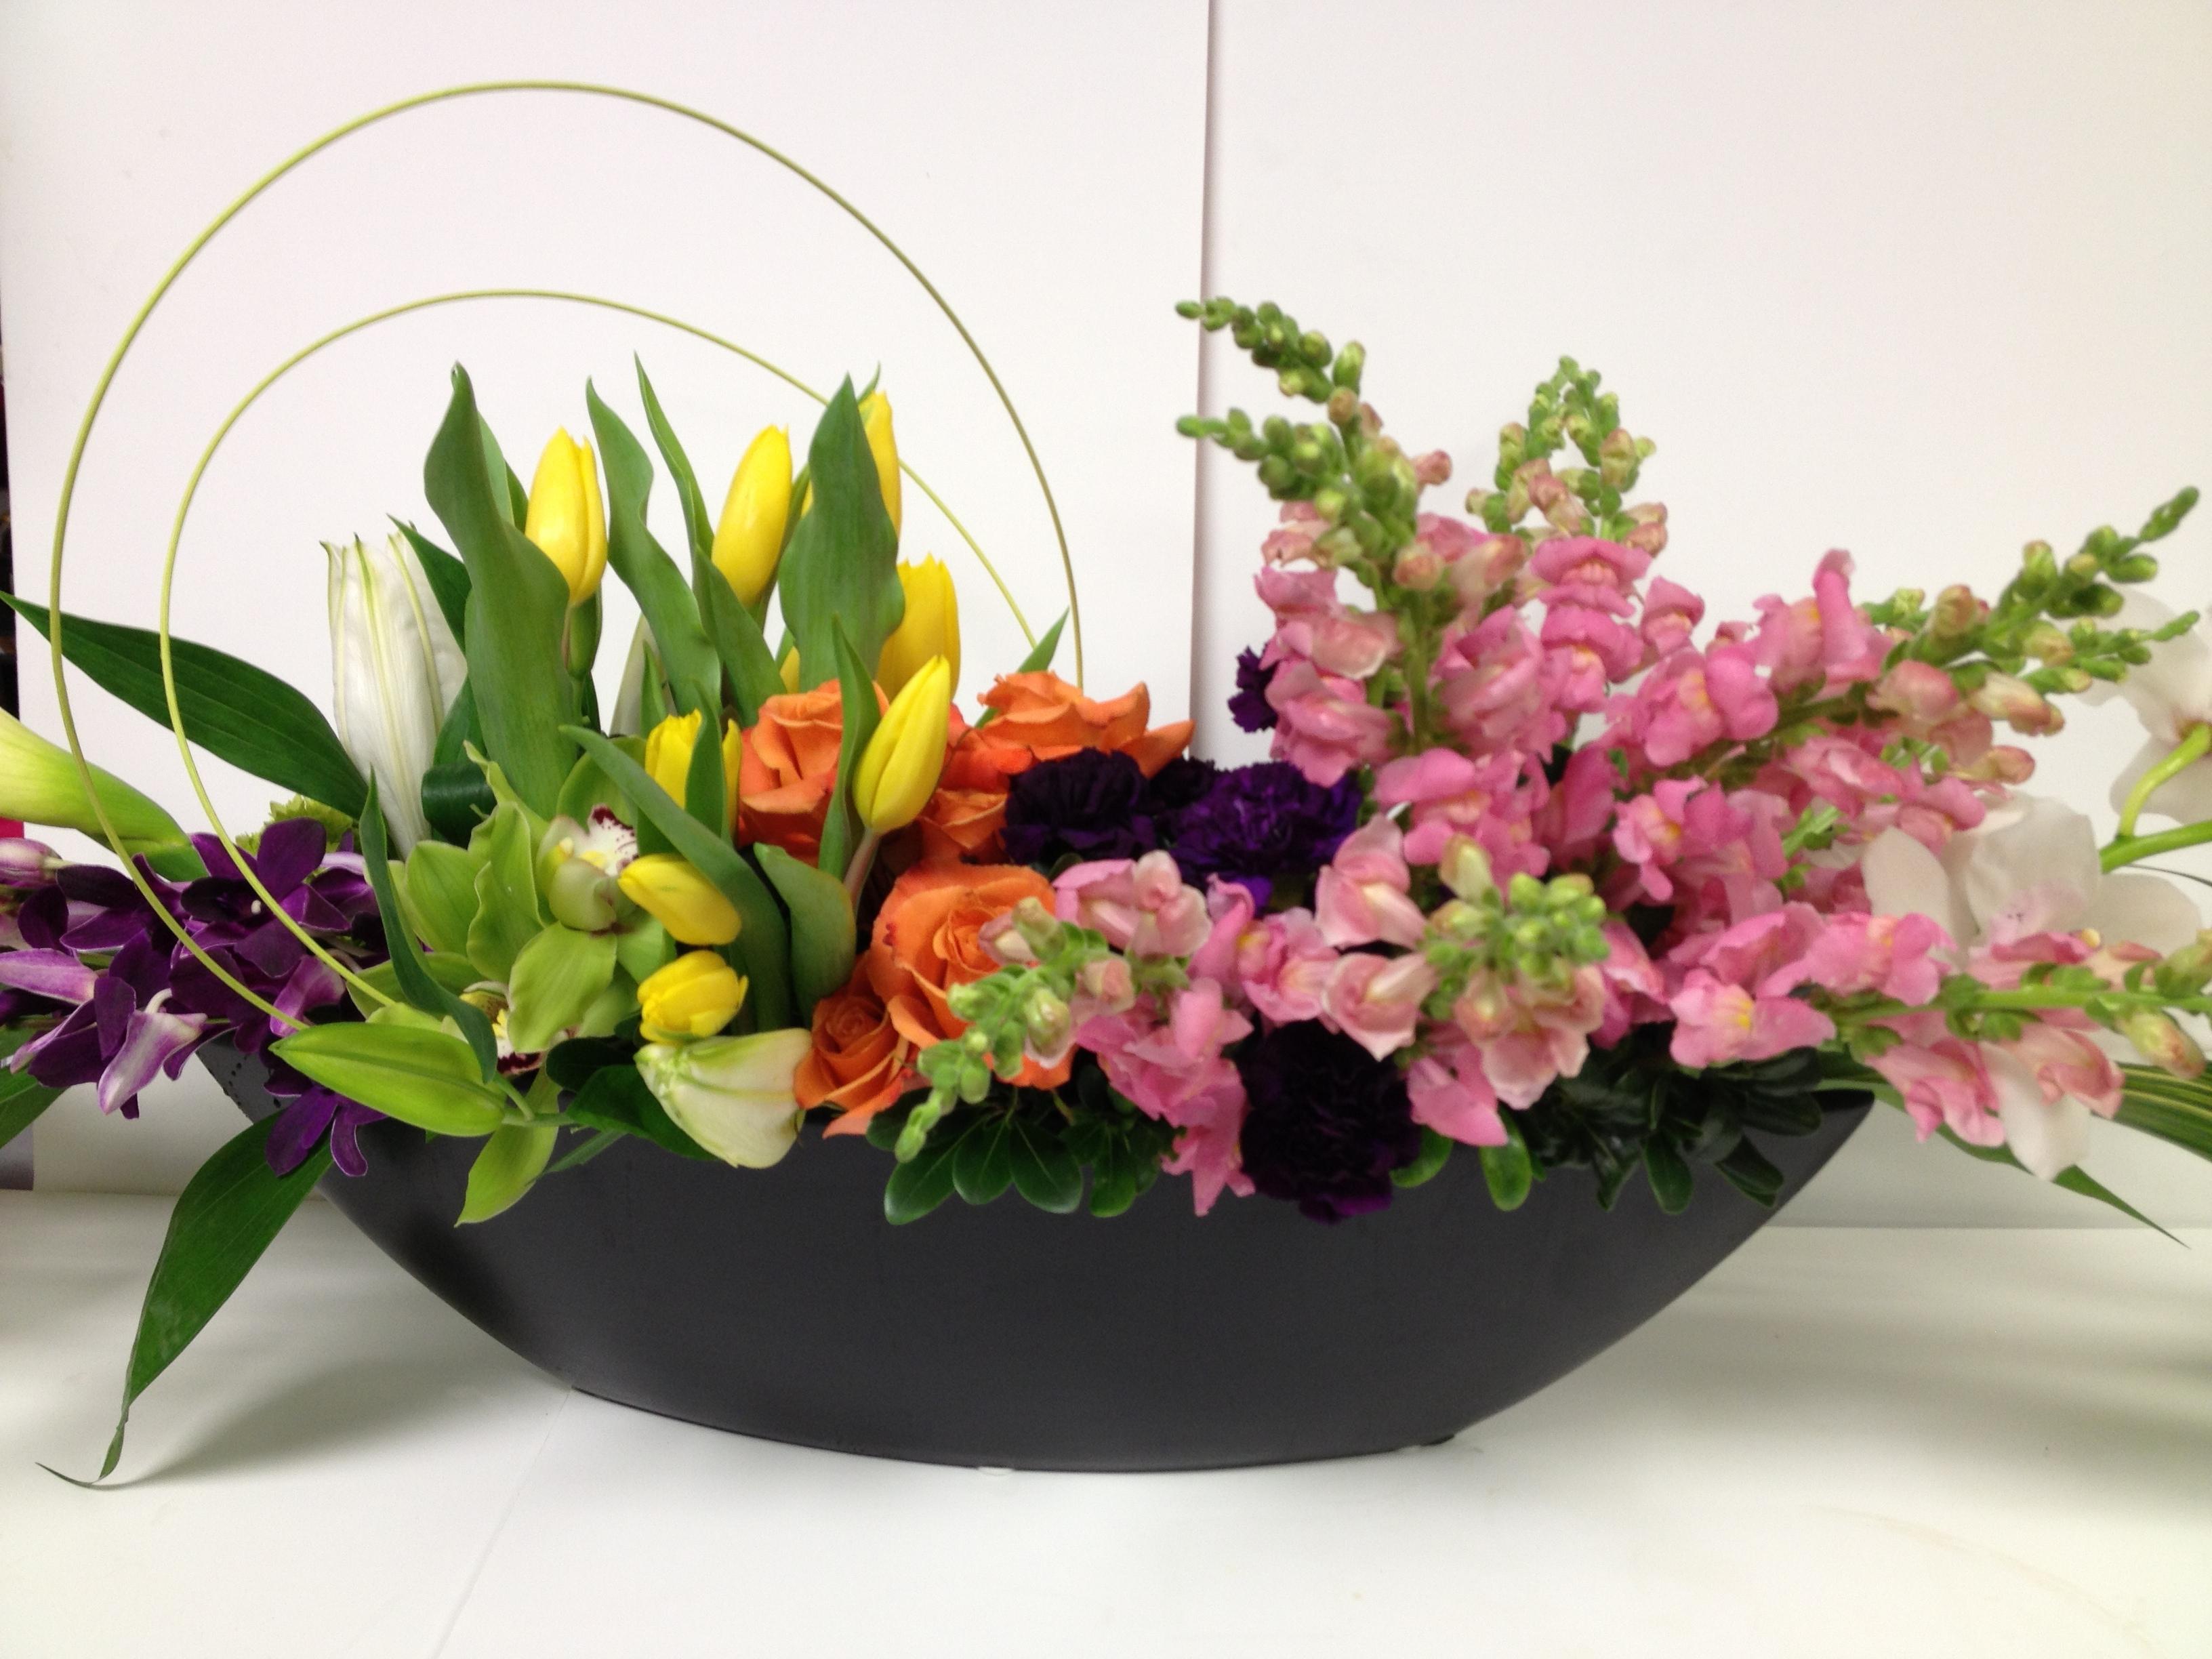 Floral Elegance image 96